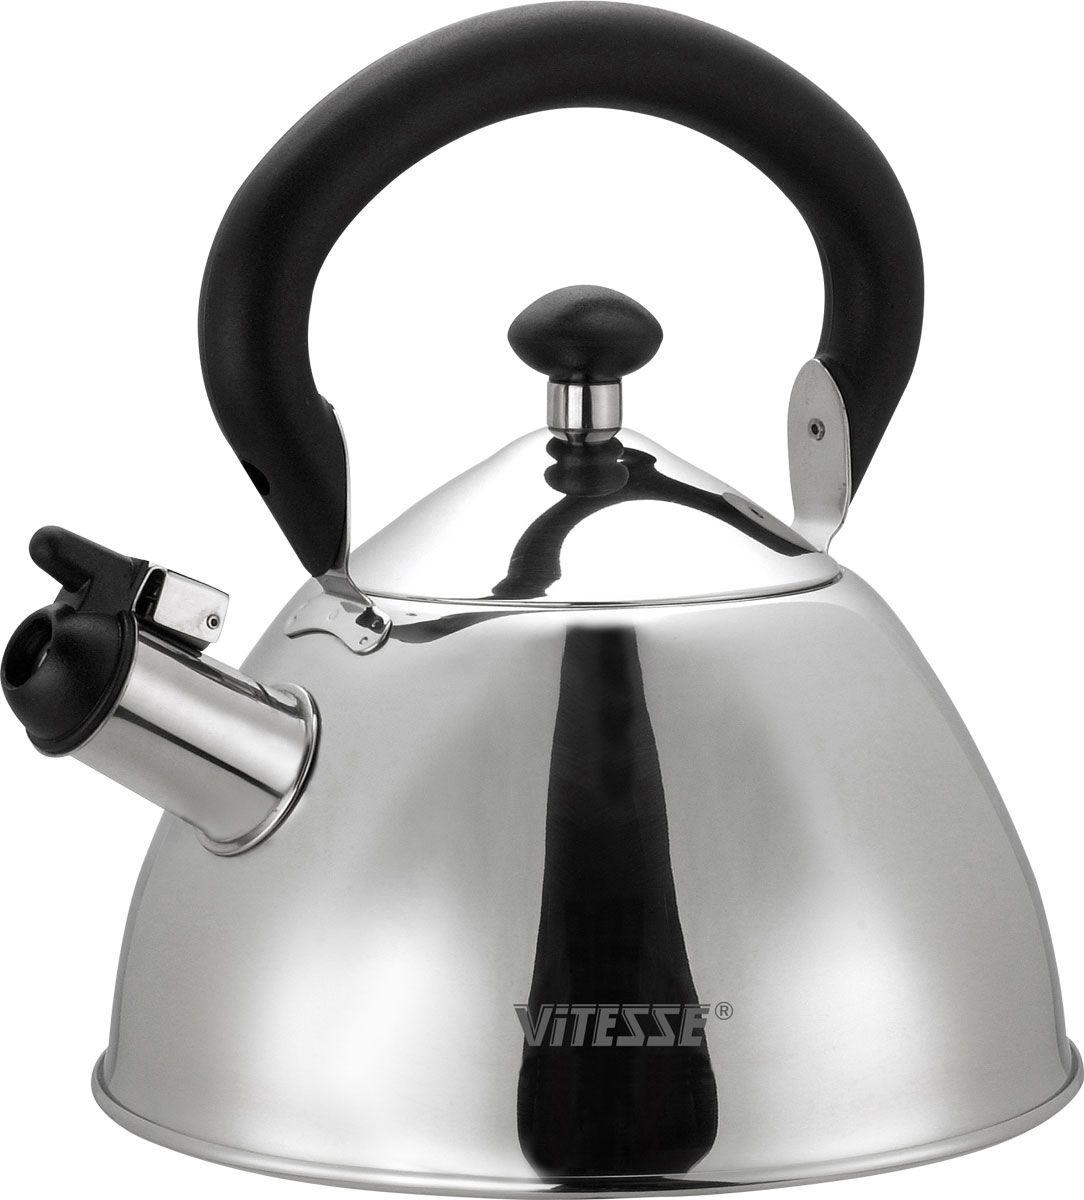 Чайник со свистком Vitesse Anouk, 2 л68/5/3Чайник Vitesse Anouk выполнен из высококачественной нержавеющей стали 18/10. Капсулированное дно с прослойкой из алюминия обеспечивает наилучшее распределение тепла. Носик чайника оснащен откидной насадкой-свистком, что позволит вам контролировать процесс подогрева или кипячения воды. Подвижная ручка чайника изготовлена из бакелита.Чайник Vitesse Anouk подходит для использования на всех типах плит. Также изделие можно мыть в посудомоечной машине. Характеристики: Материал: нержавеющая сталь 18/10, бакелит.Диаметр основания чайника: 20 см.Высота чайника (с учетом крышки и ручки):22,5 см.Объем:2 л.Размер упаковки:20,5 см х 17 см х 20,5 см. Артикул:VS-1103.Кухонная посуда марки Vitesseиз нержавеющей стали 18/10 предоставит вам все необходимое для получения удовольствия от приготовления пищи и принесет радость от его результатов. Посуда Vitesse обладает выдающимися функциональными свойствами. Легкие в уходе кастрюли и сковородки имеют плотно закрывающиеся крышки, которые дают возможность готовить с малым количеством воды и экономией энергии, и идеально подходят для всех видов плит: газовых, электрических, стеклокерамических и индукционных. Конструкция дна посуды гарантирует быстрое поглощение тепла, его равномерное распределение и сохранение. Великолепно отполированная поверхность, а также многочисленные конструктивные новшества, заложенные во все изделия Vitesse, позволит вам открыть новые горизонты приготовления уже знакомых блюд. Для производства посуды Vitesseиспользуются только высококачественные материалы, которые соответствуют международным стандартам.